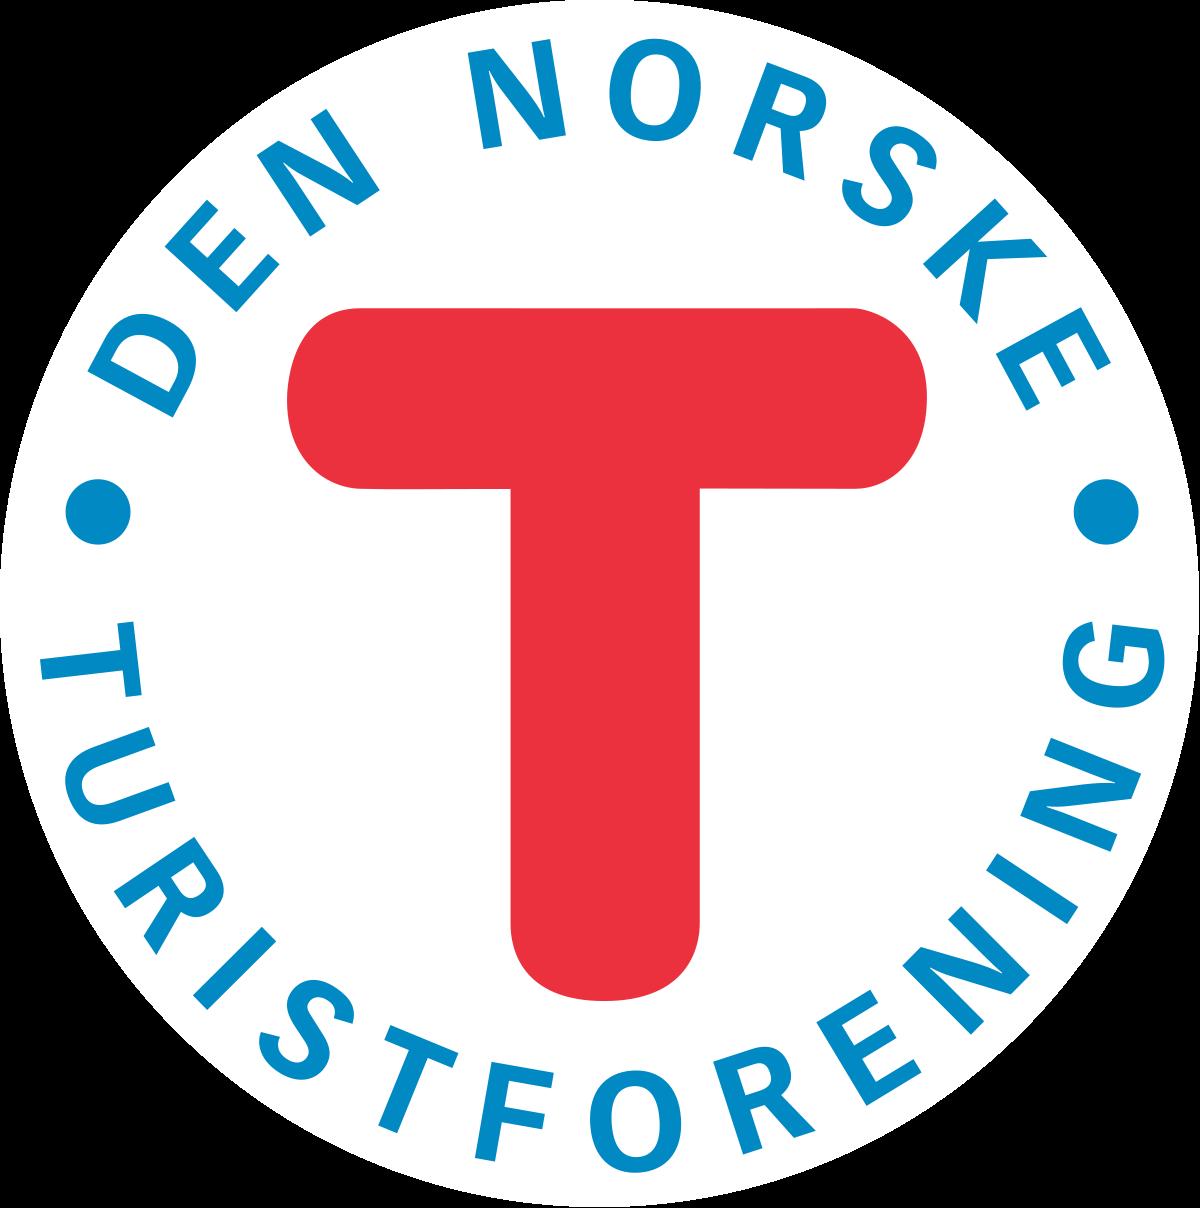 Den Norske Turistforening log